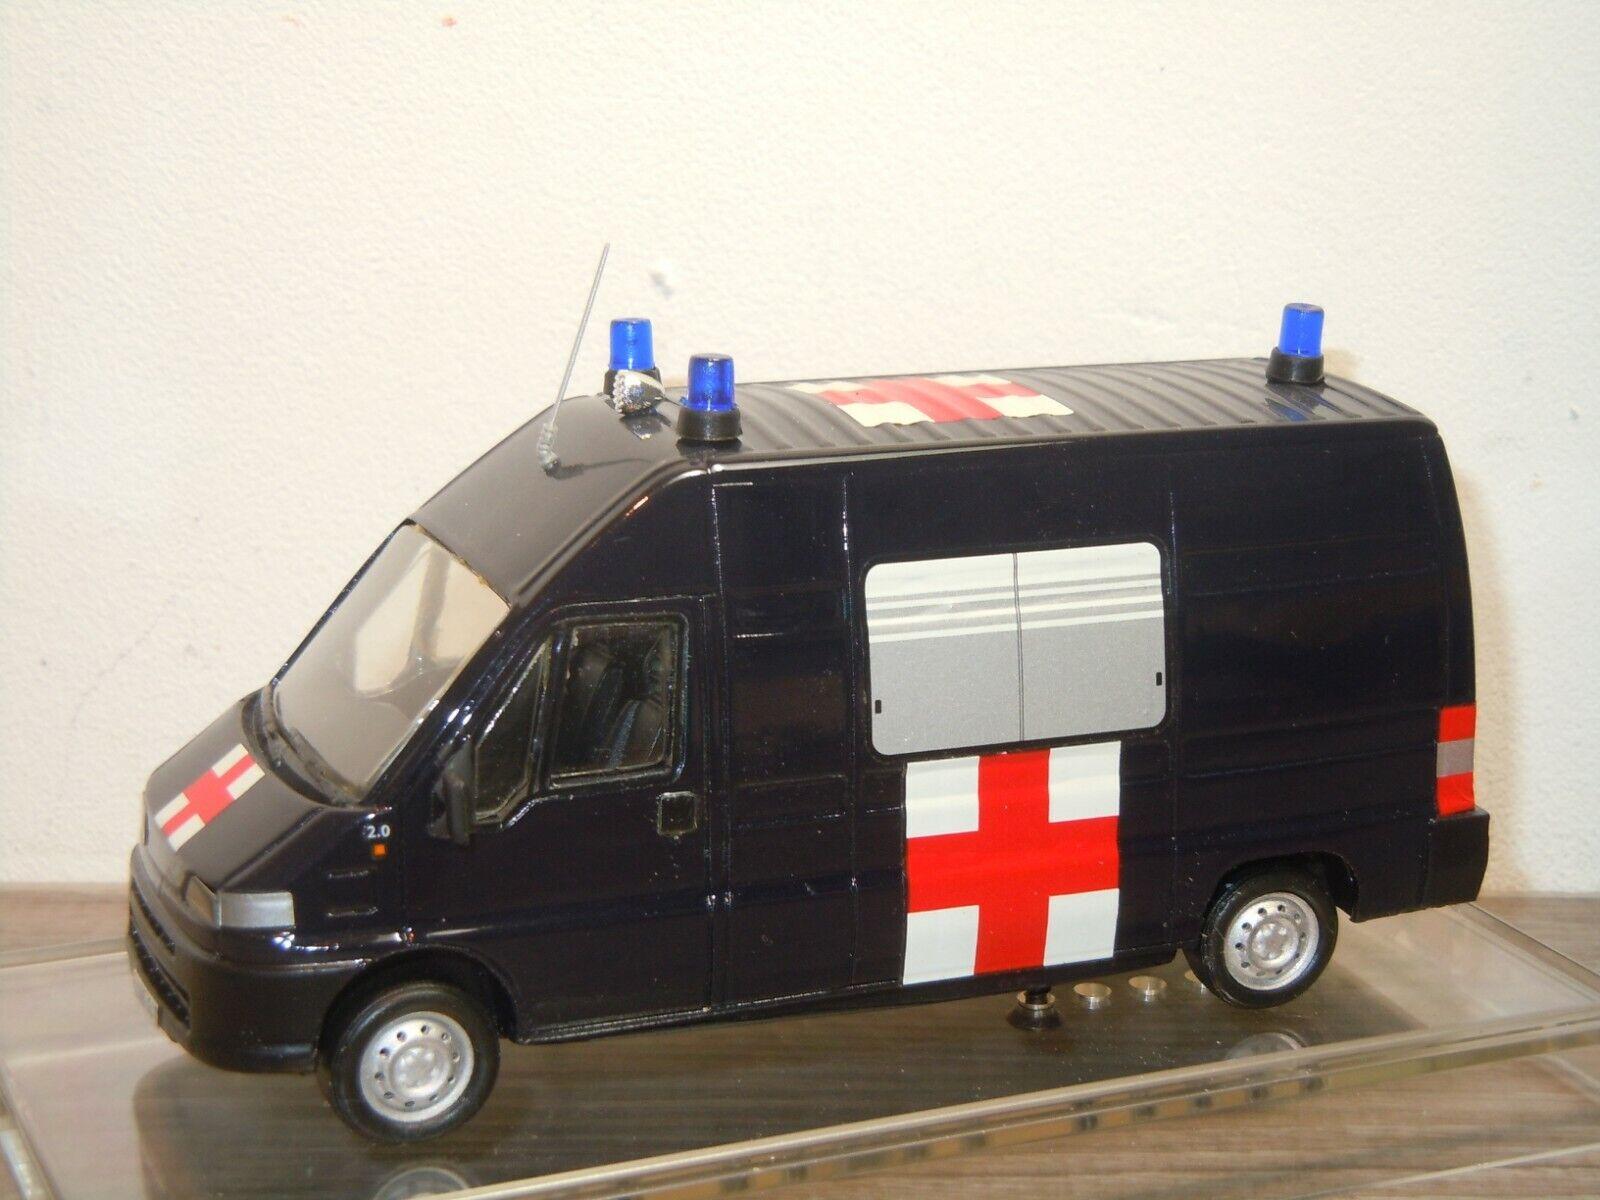 Fiat Ducato Ambulanza voitureabinieri - Giocher  1 43 in Box 37118  plus d'escompte